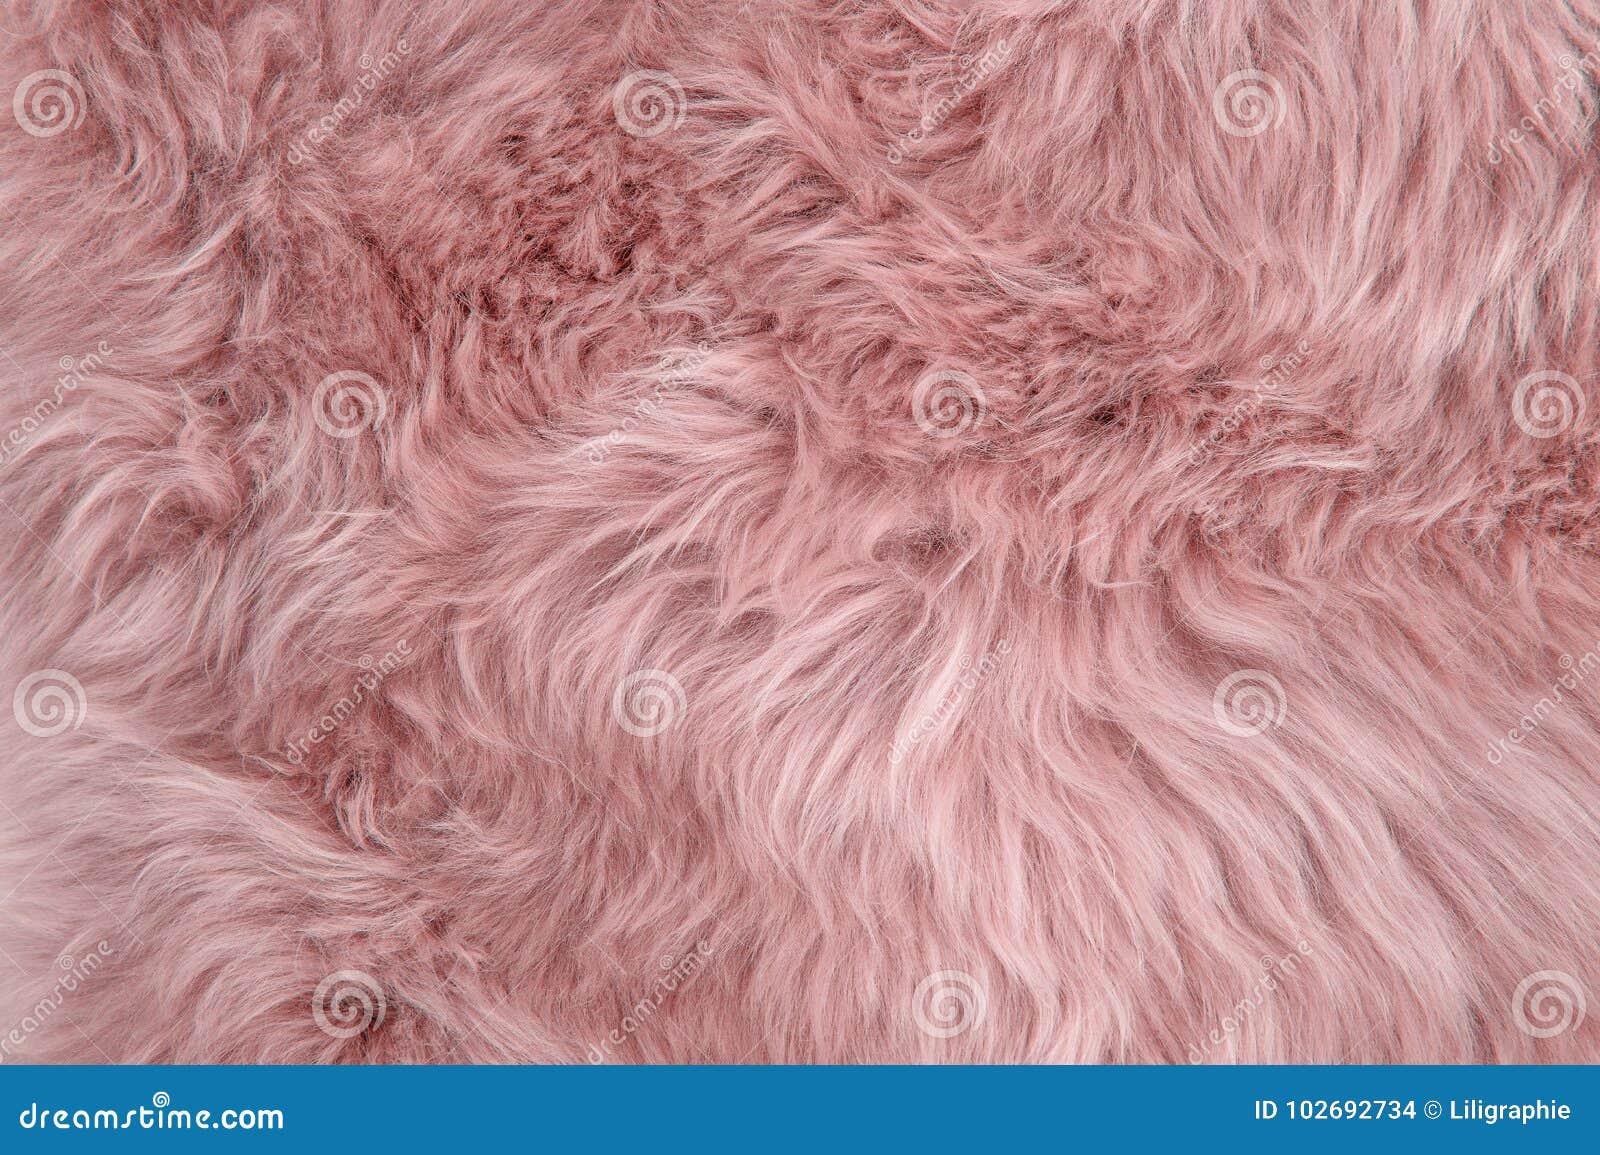 Coperta Lana Di Pecora.Struttura Rosa Della Lana Della Pelliccia Delle Pecore Del